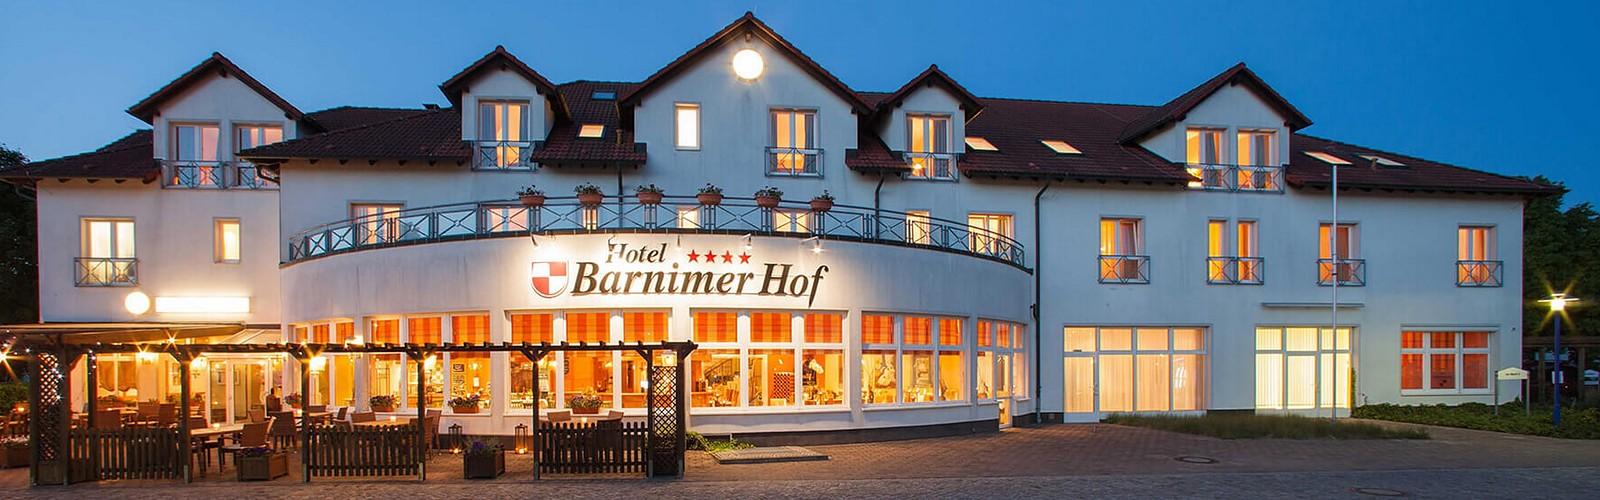 Hotel Barnimer Hof, Foto: Hotel Barnimer Hof